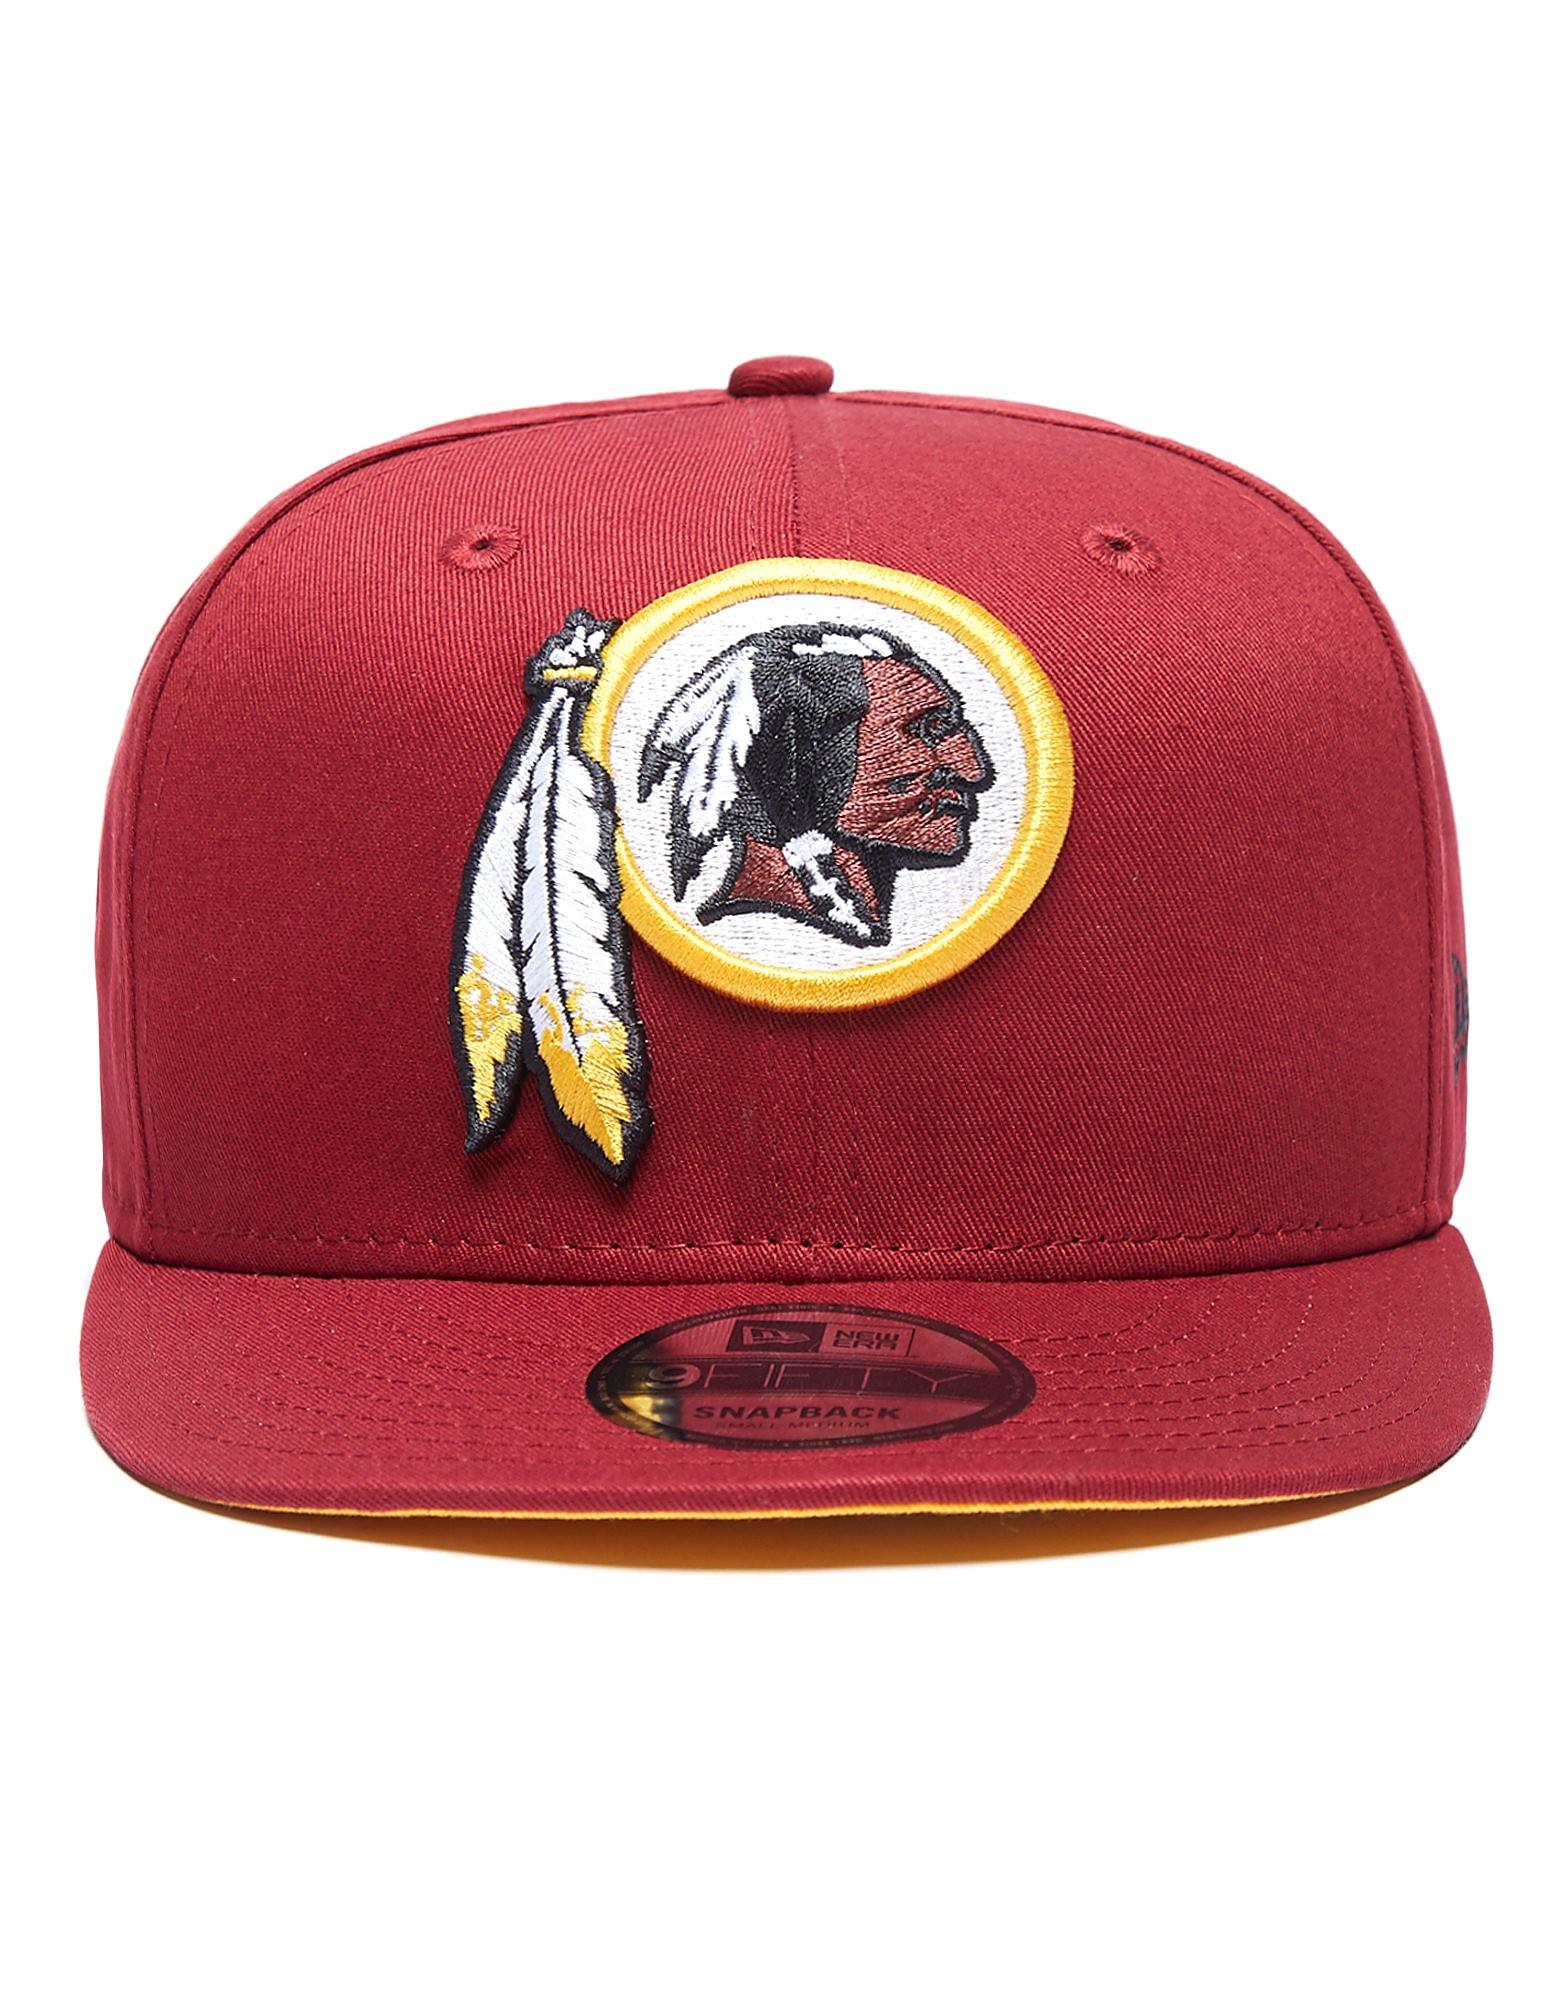 New Era NFL Washington Redskins Snapback Cap